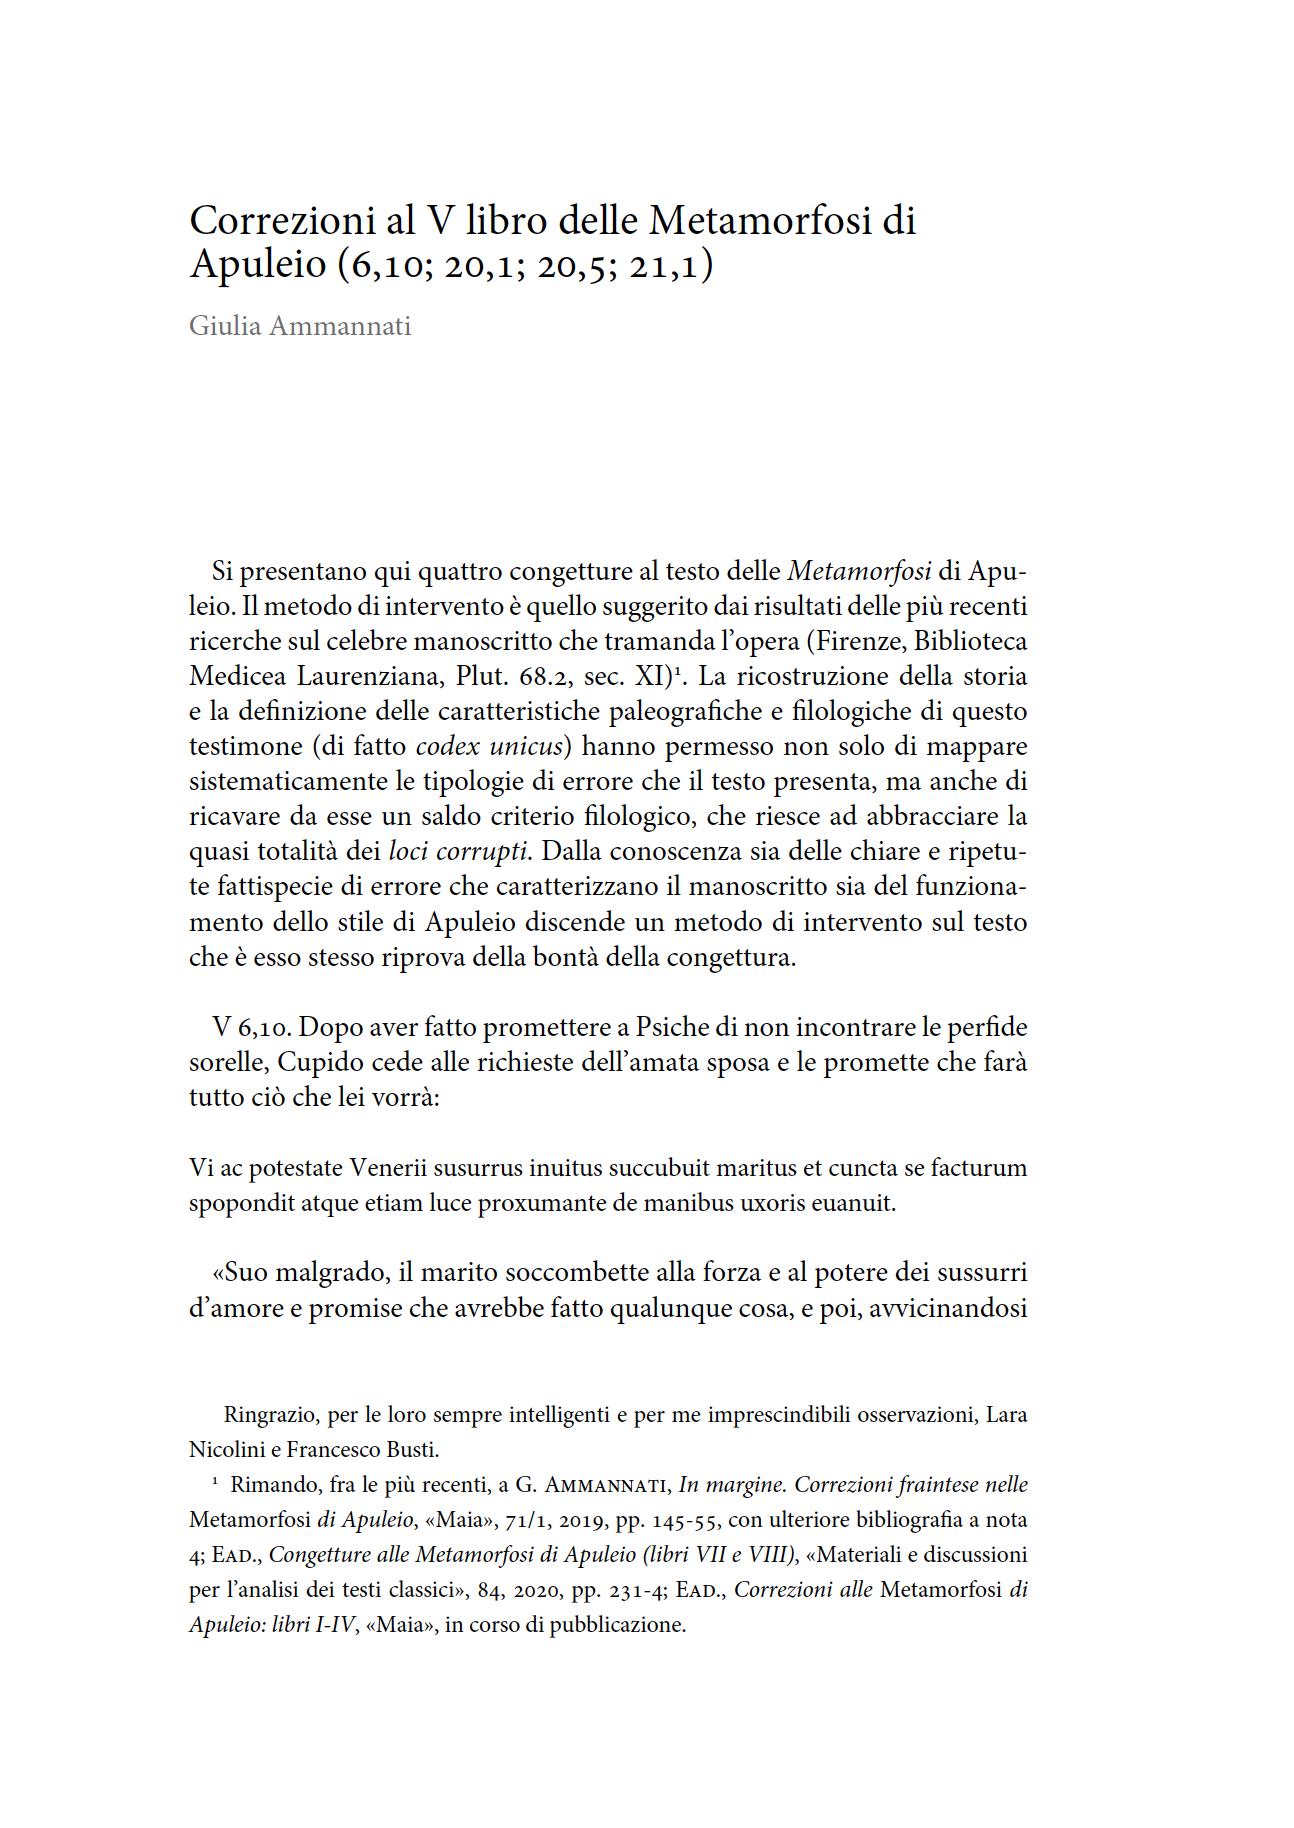 Correzioni al V libro delle Metamorfosi di Apuleio